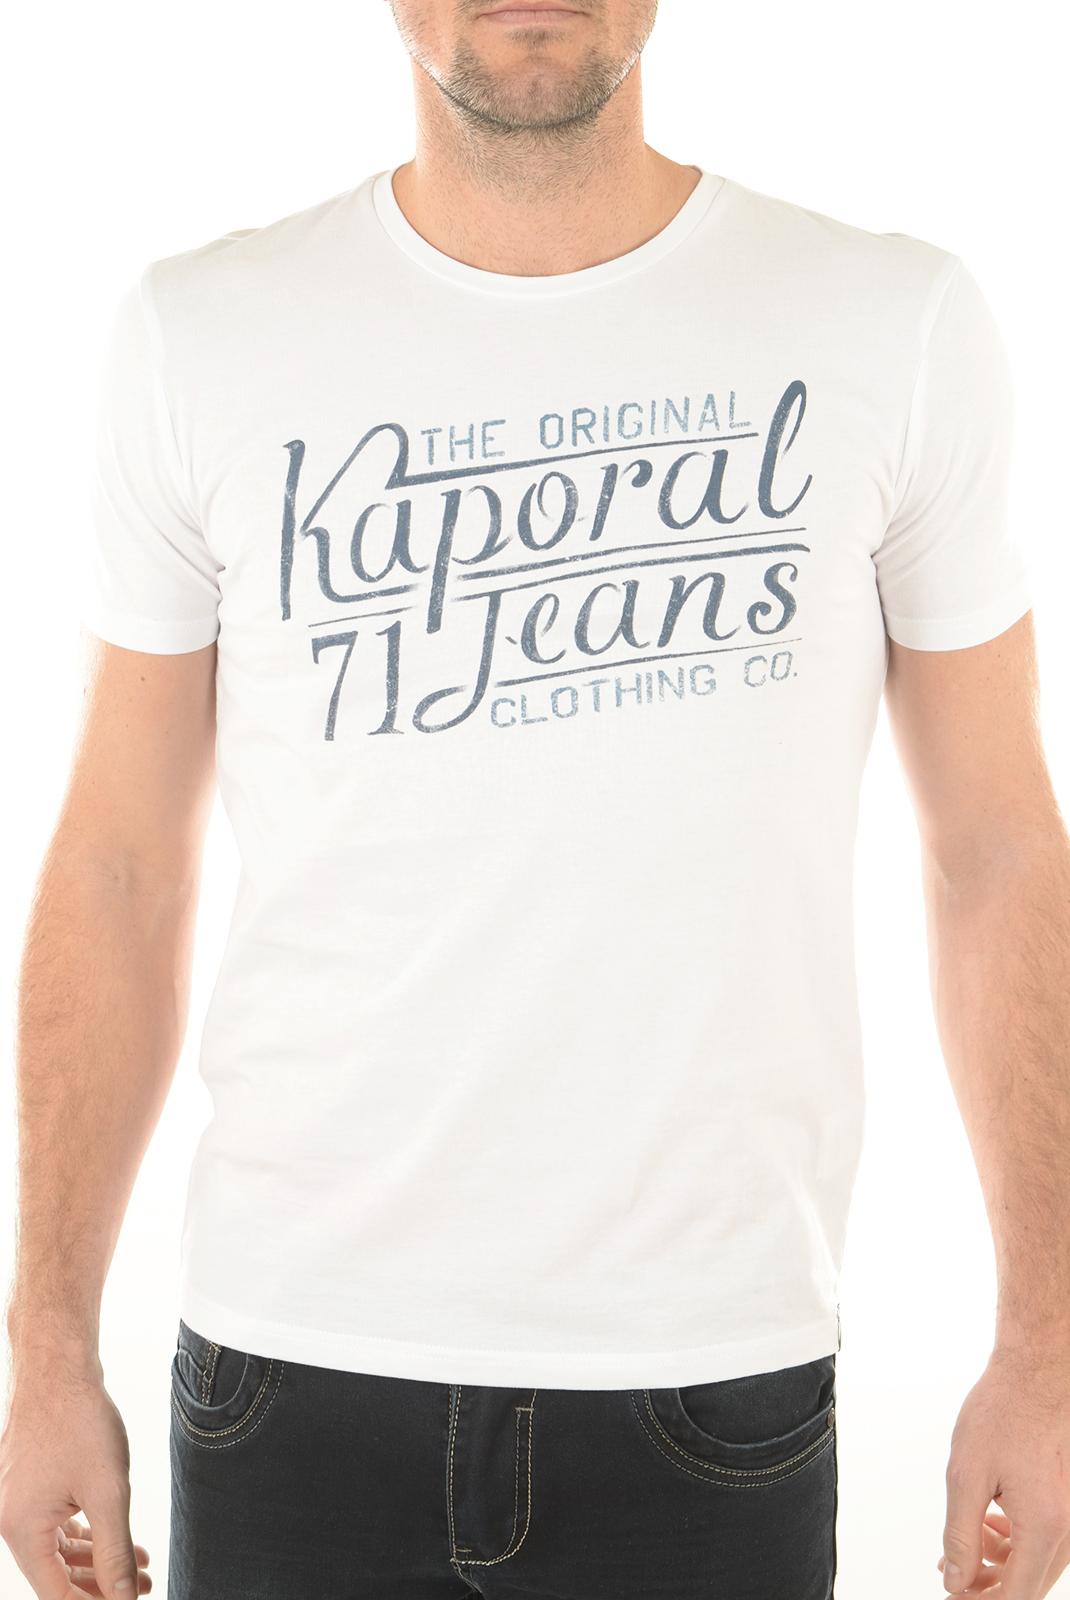 Tee-shirts  Kaporal TEROV WHITE